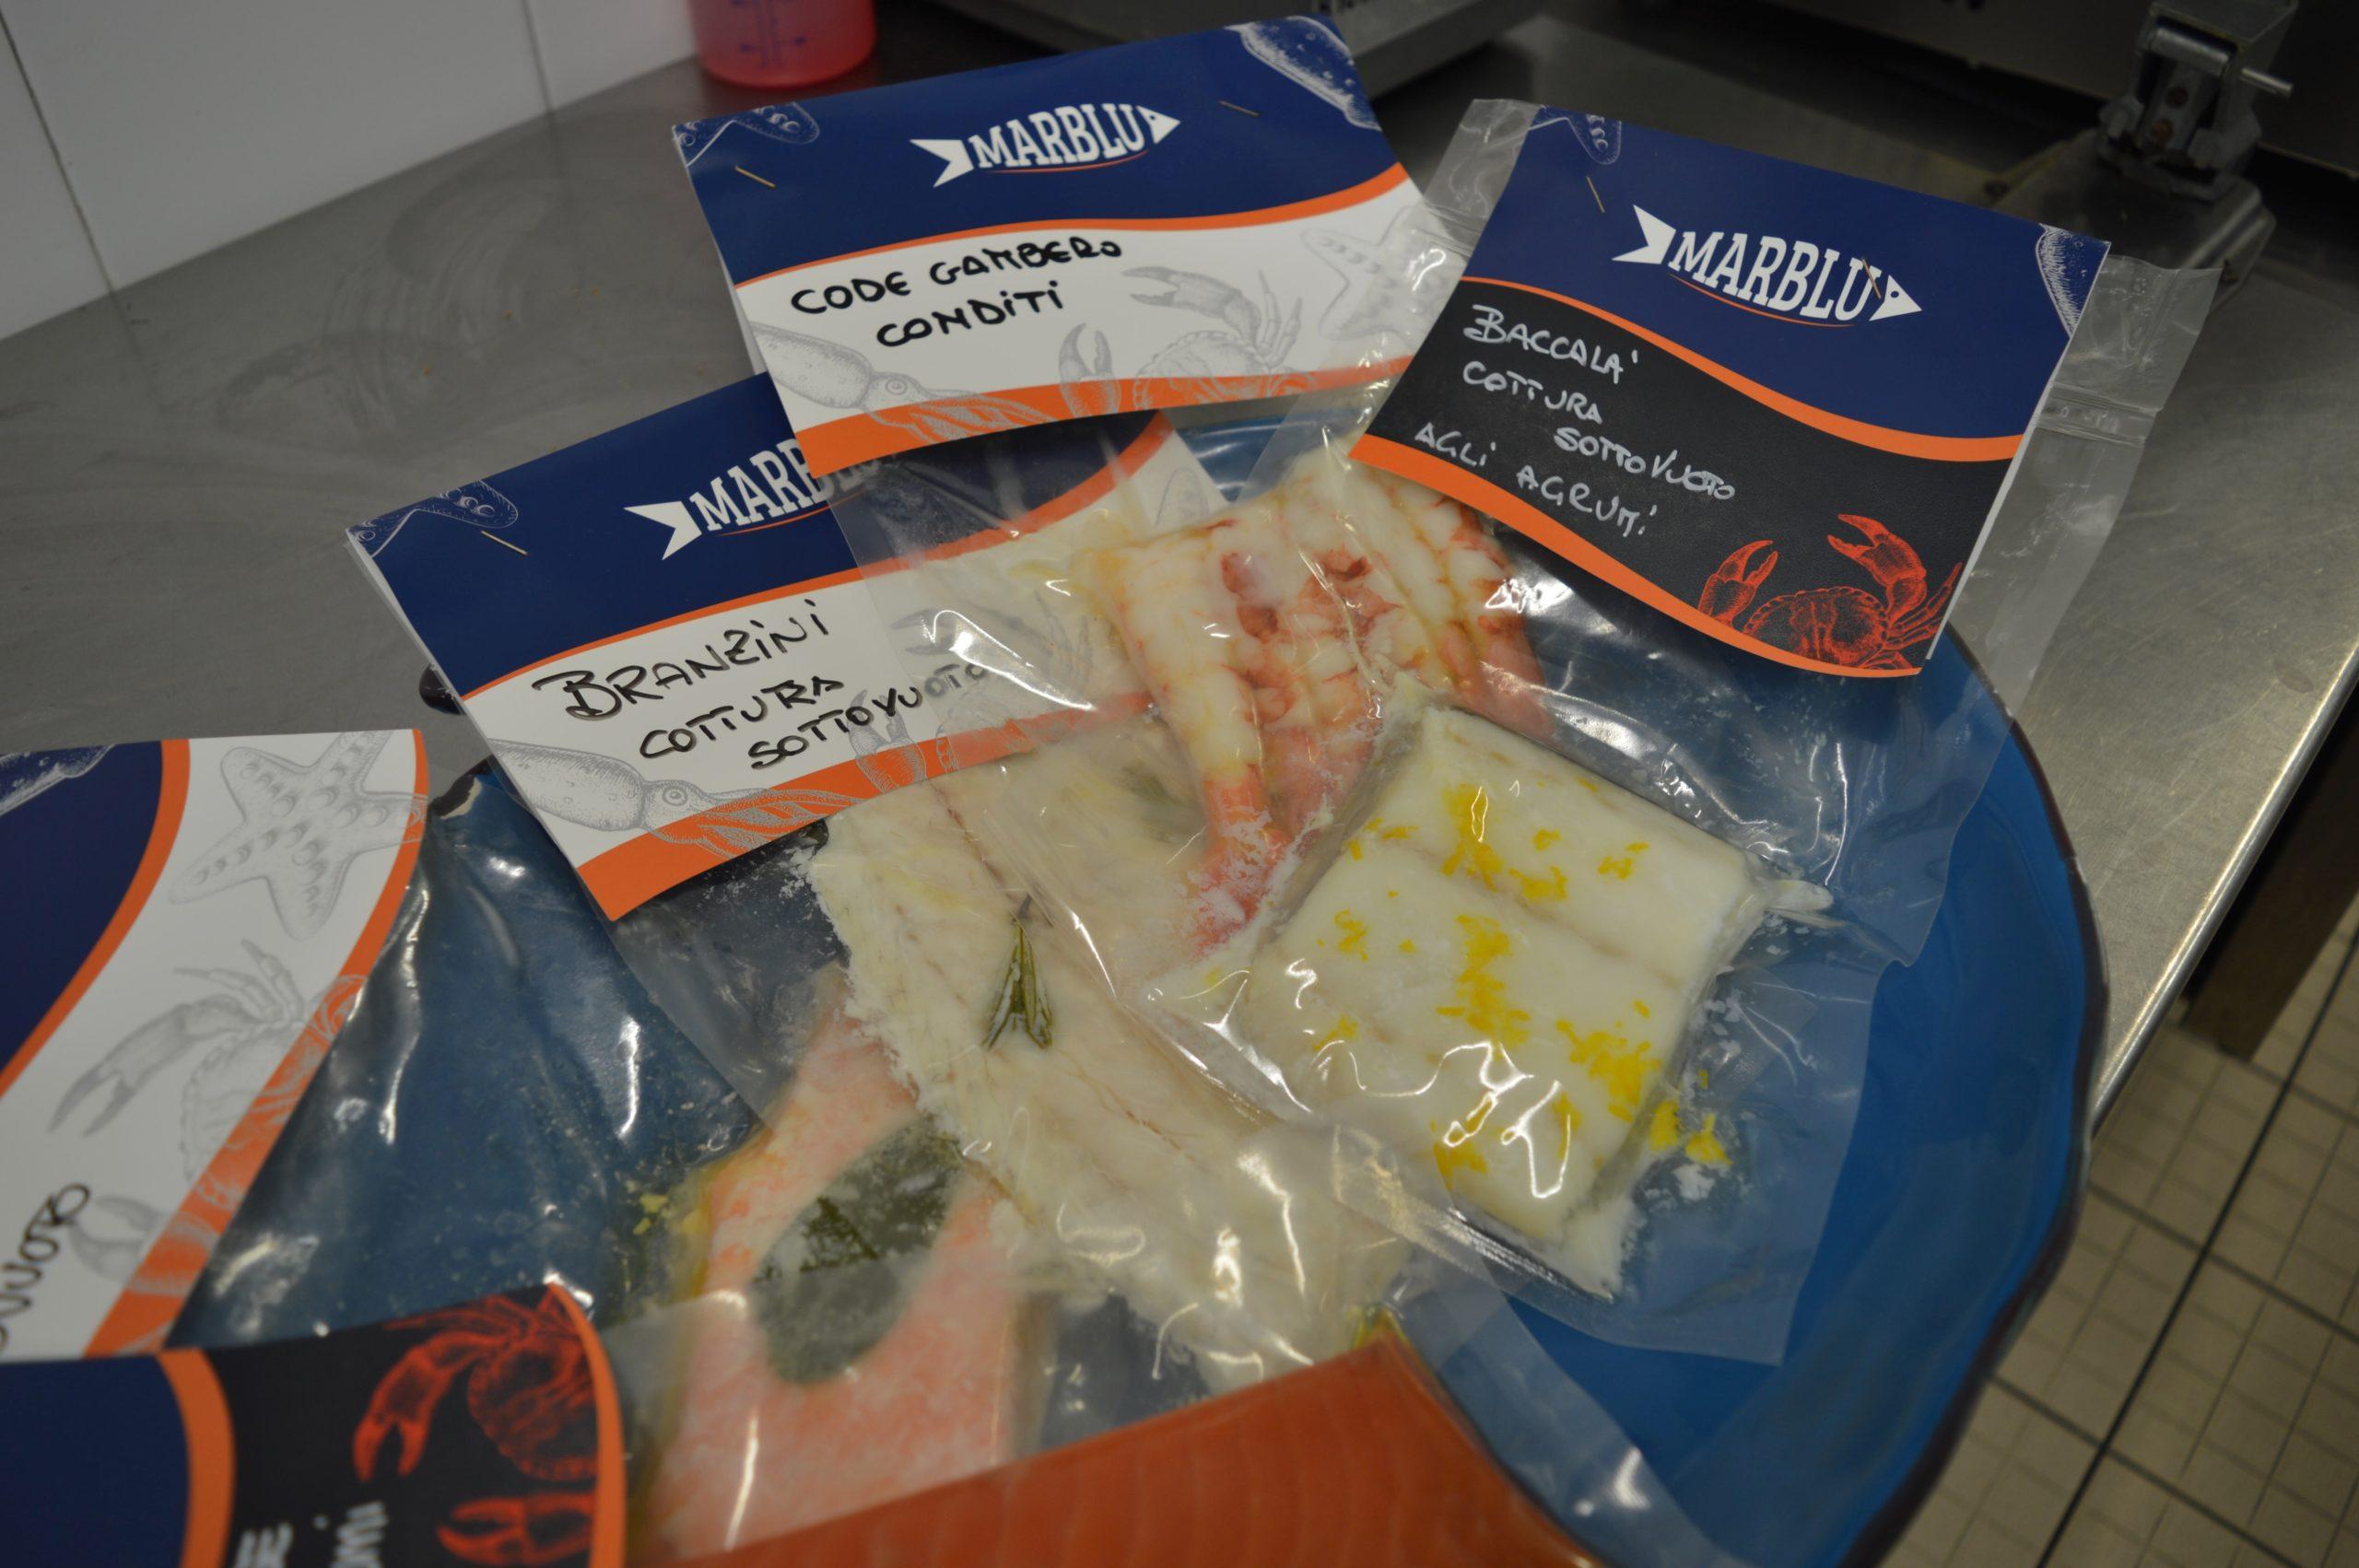 La cottura sottovuoto del pesce Marblu